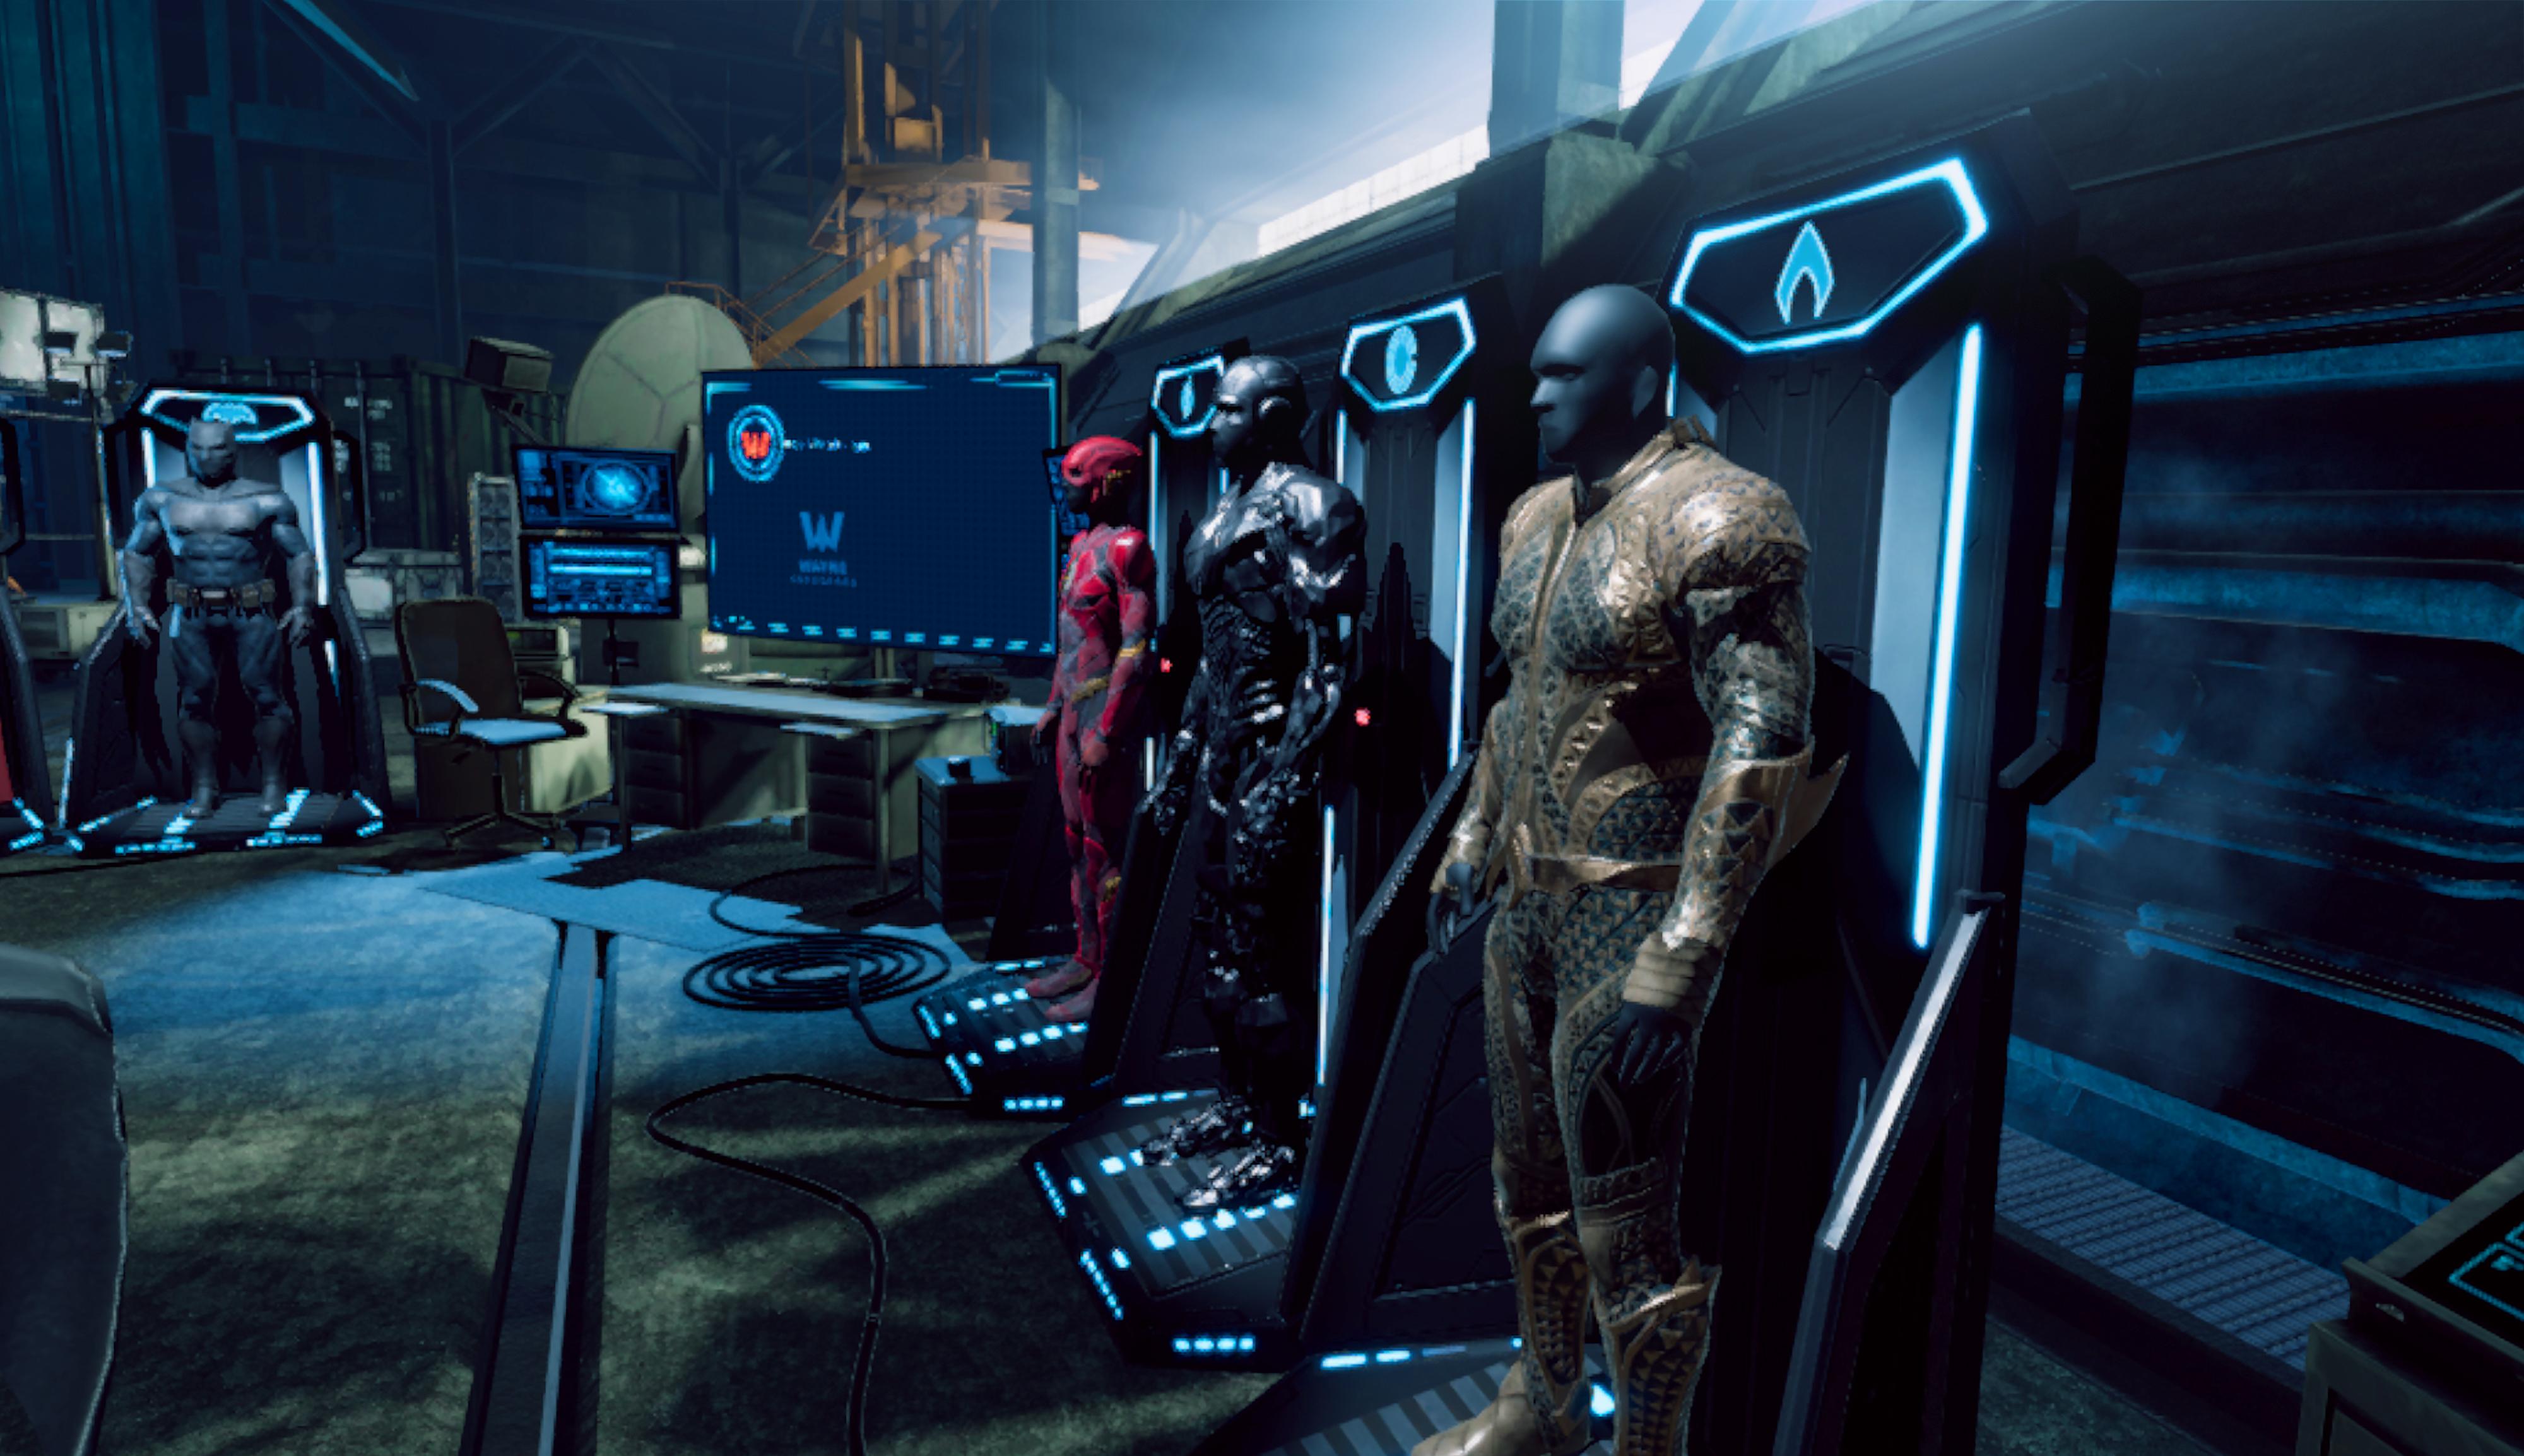 Batcave_suit_01.jpg